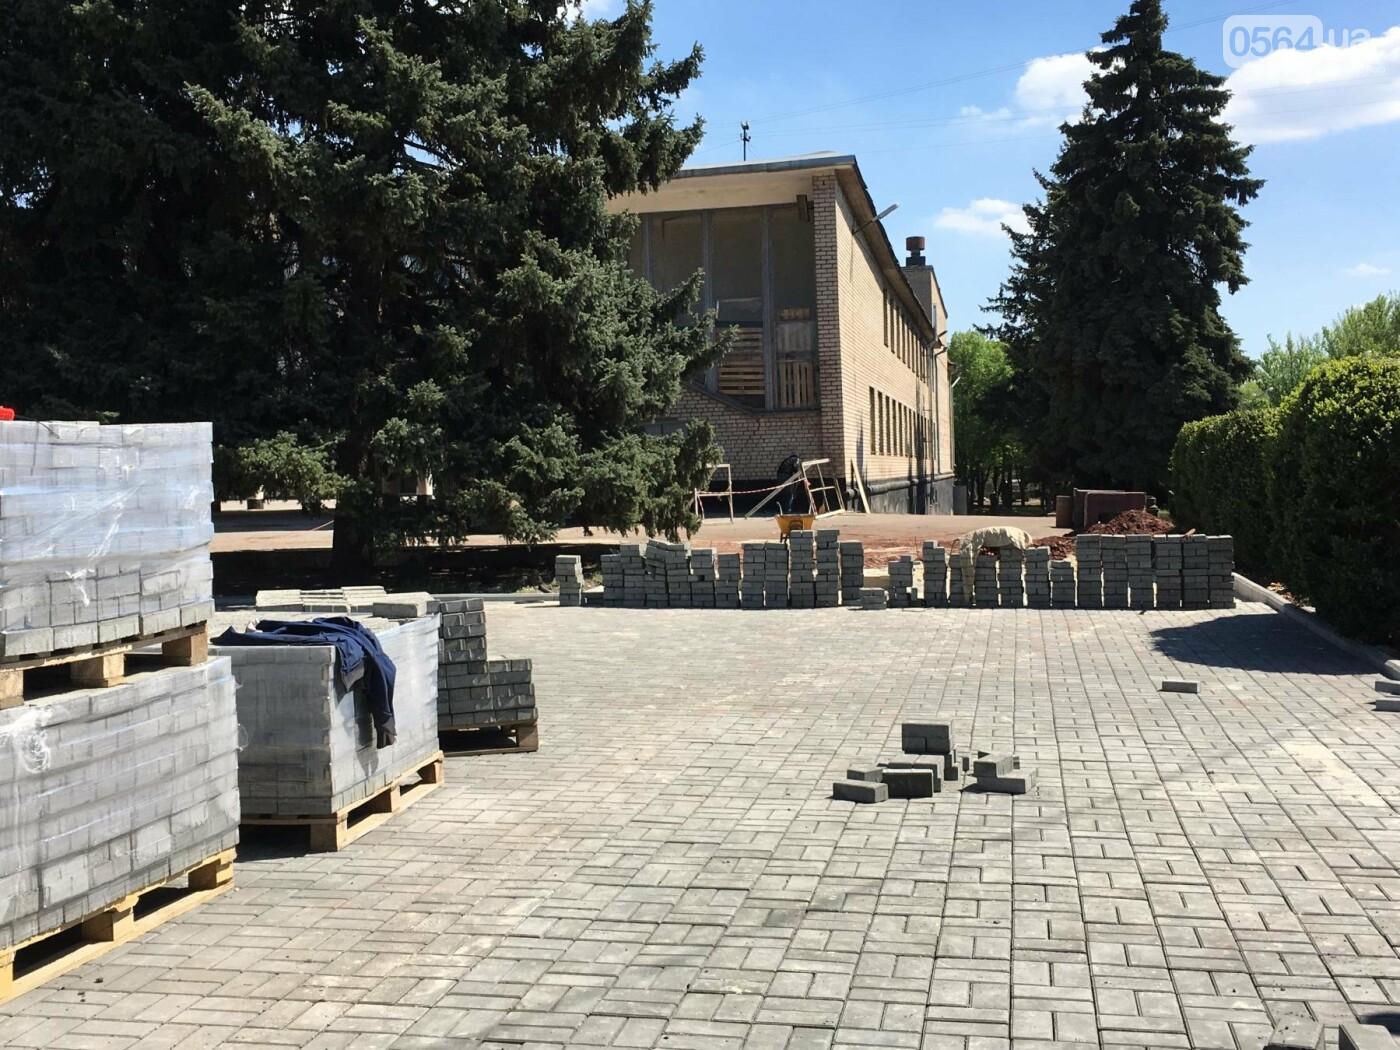 В Кривом Роге перед Дворцом культуры убрали остатки памятника Ленину (ФОТО), фото-11